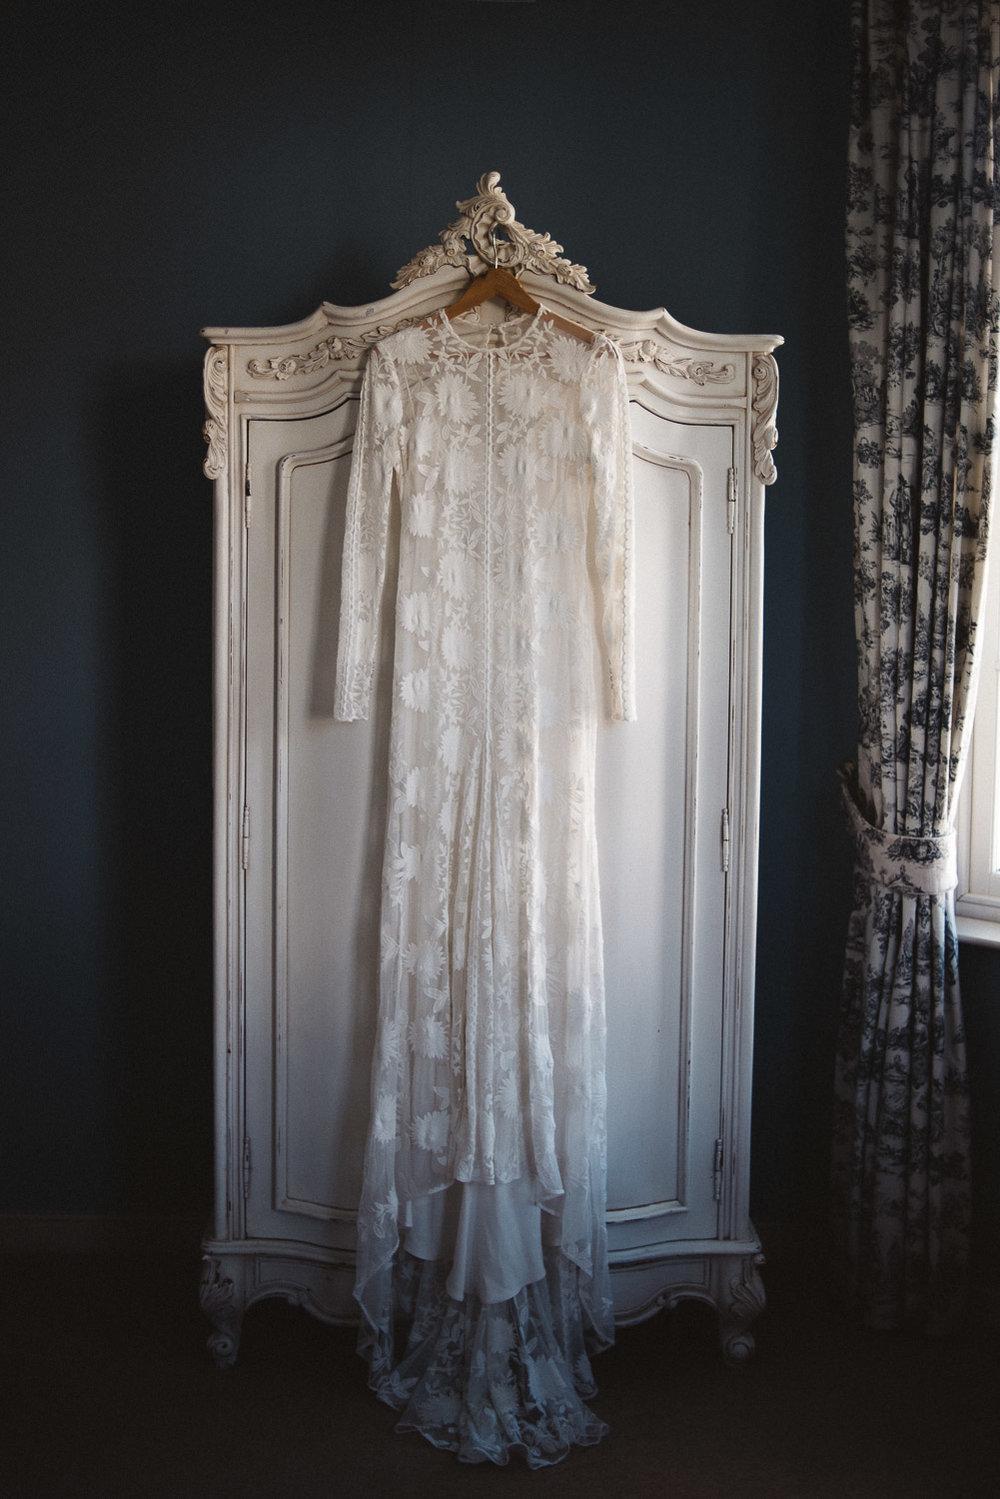 Castle Leslie Wedding. Rue de sien wedding dress hanging on wardrobe door